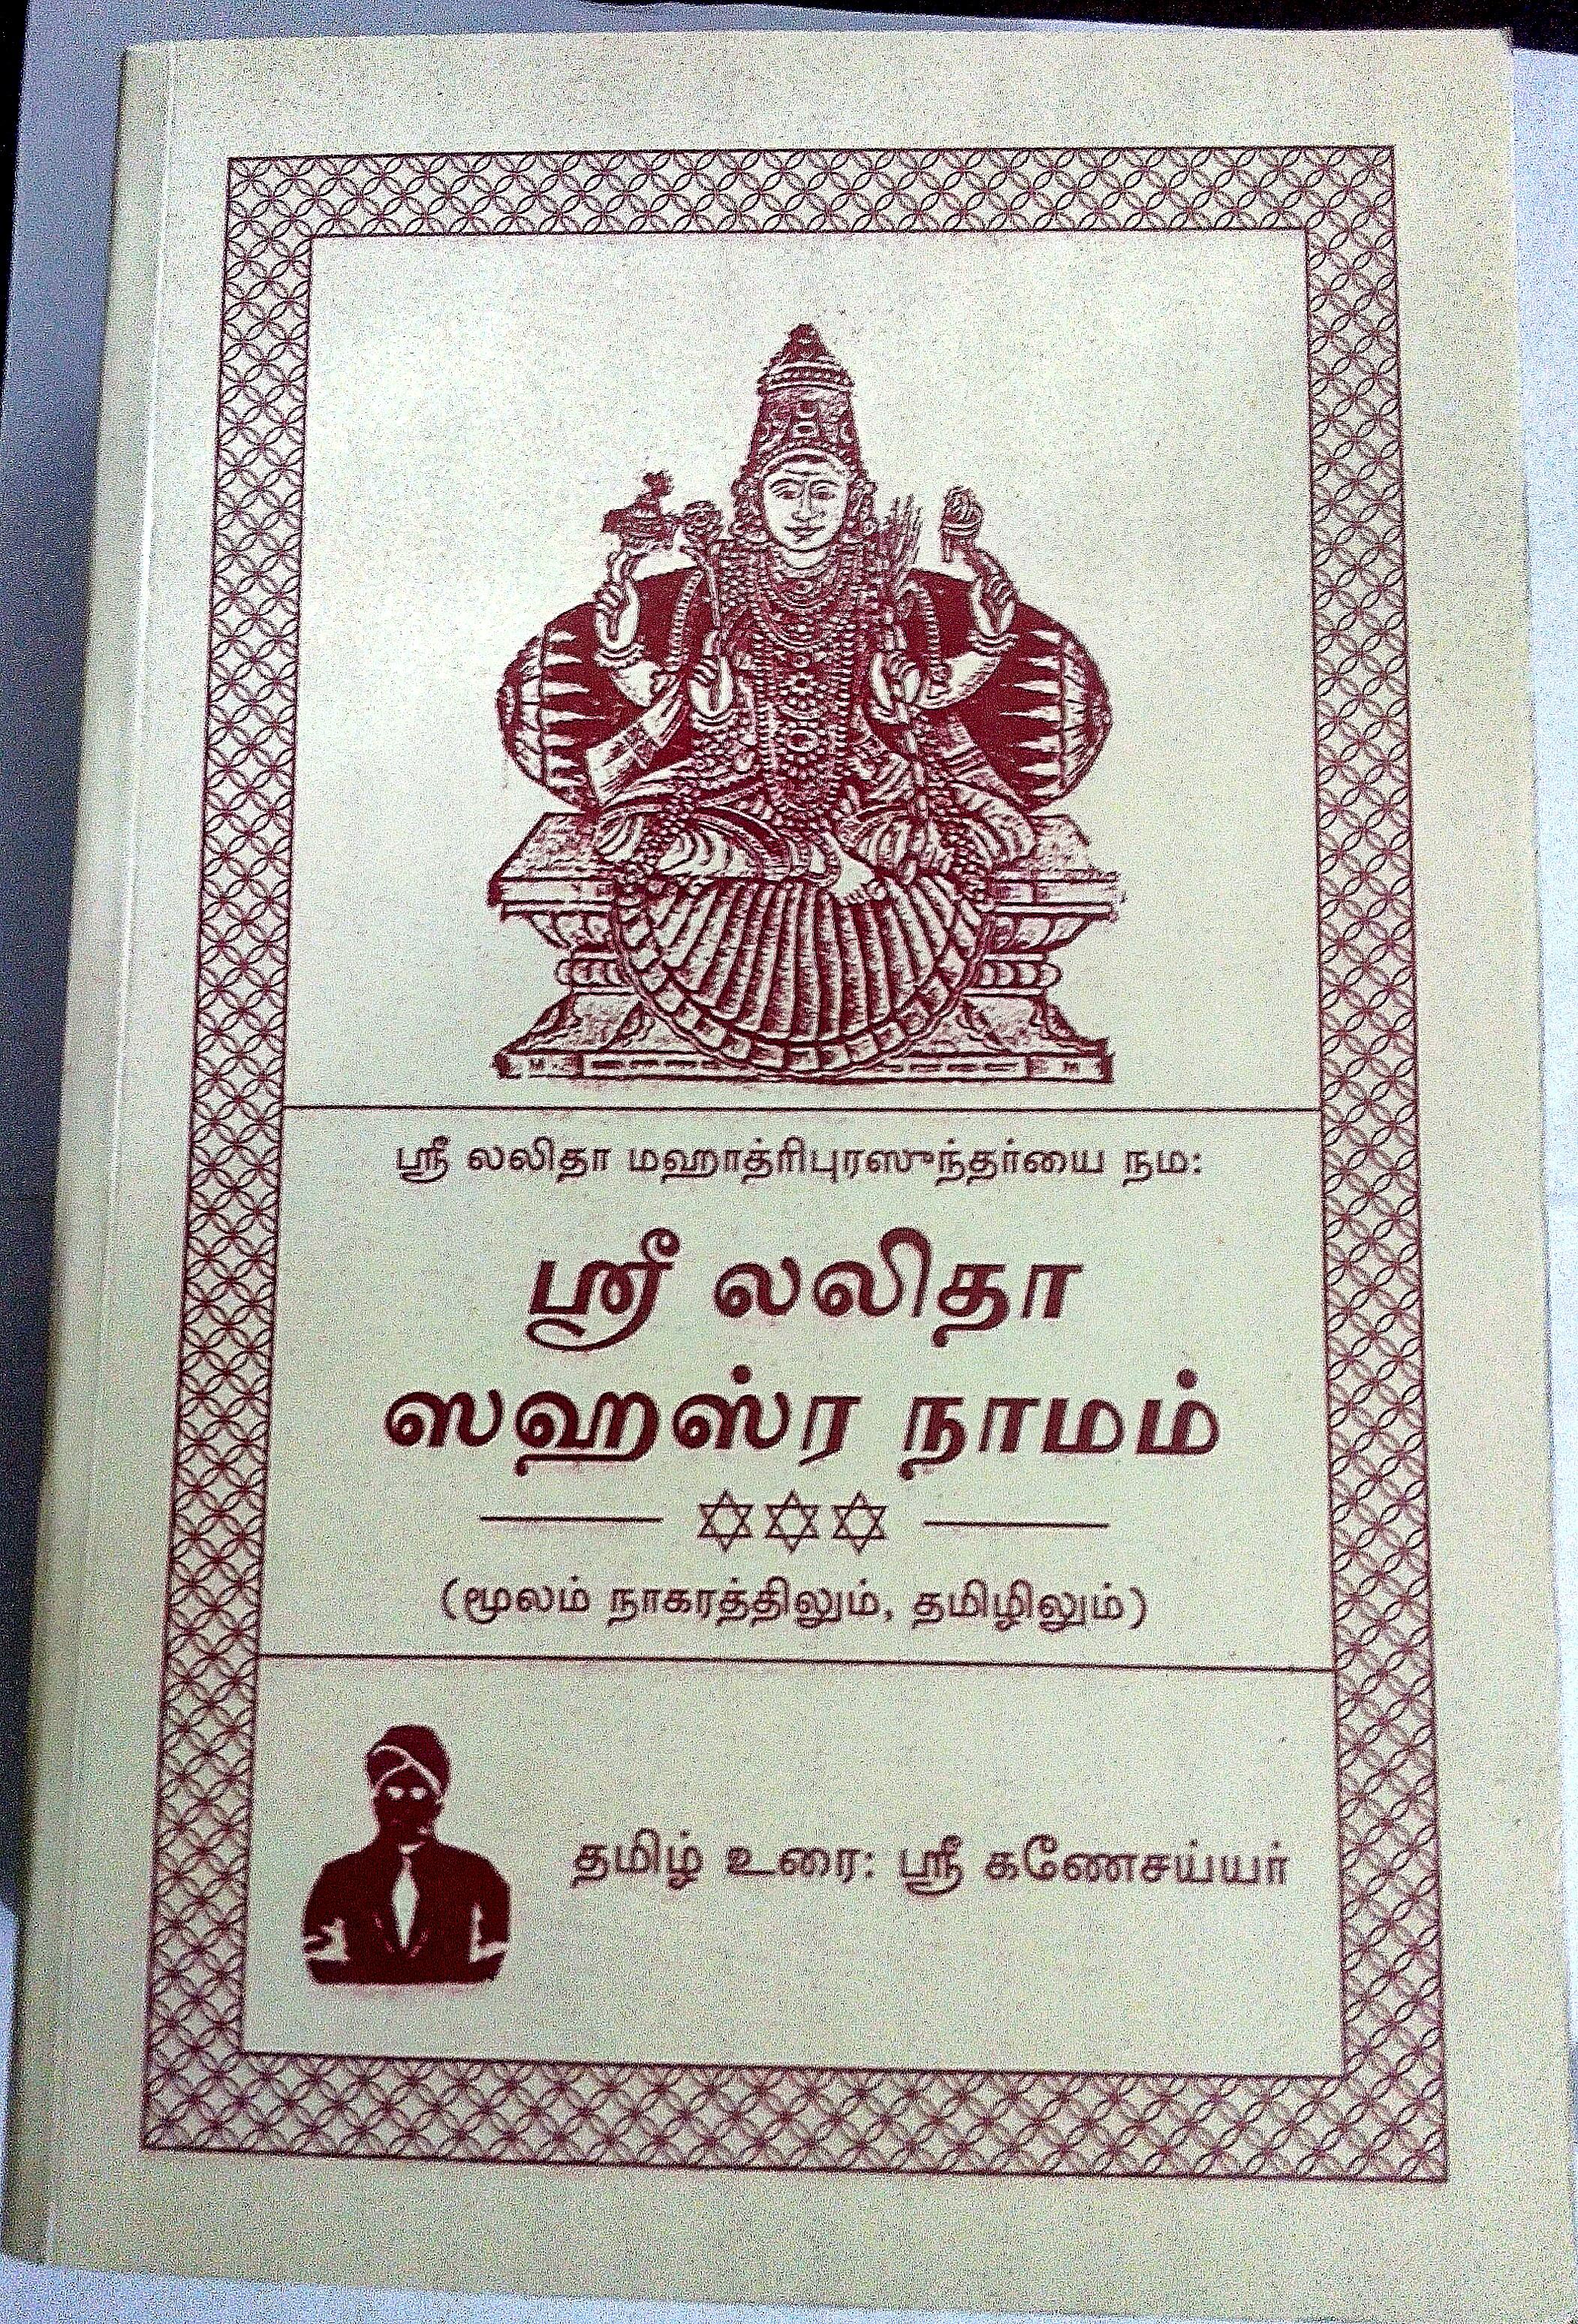 ஸ்ரீ லலிதா ஸஹஸ்ர நாமம்